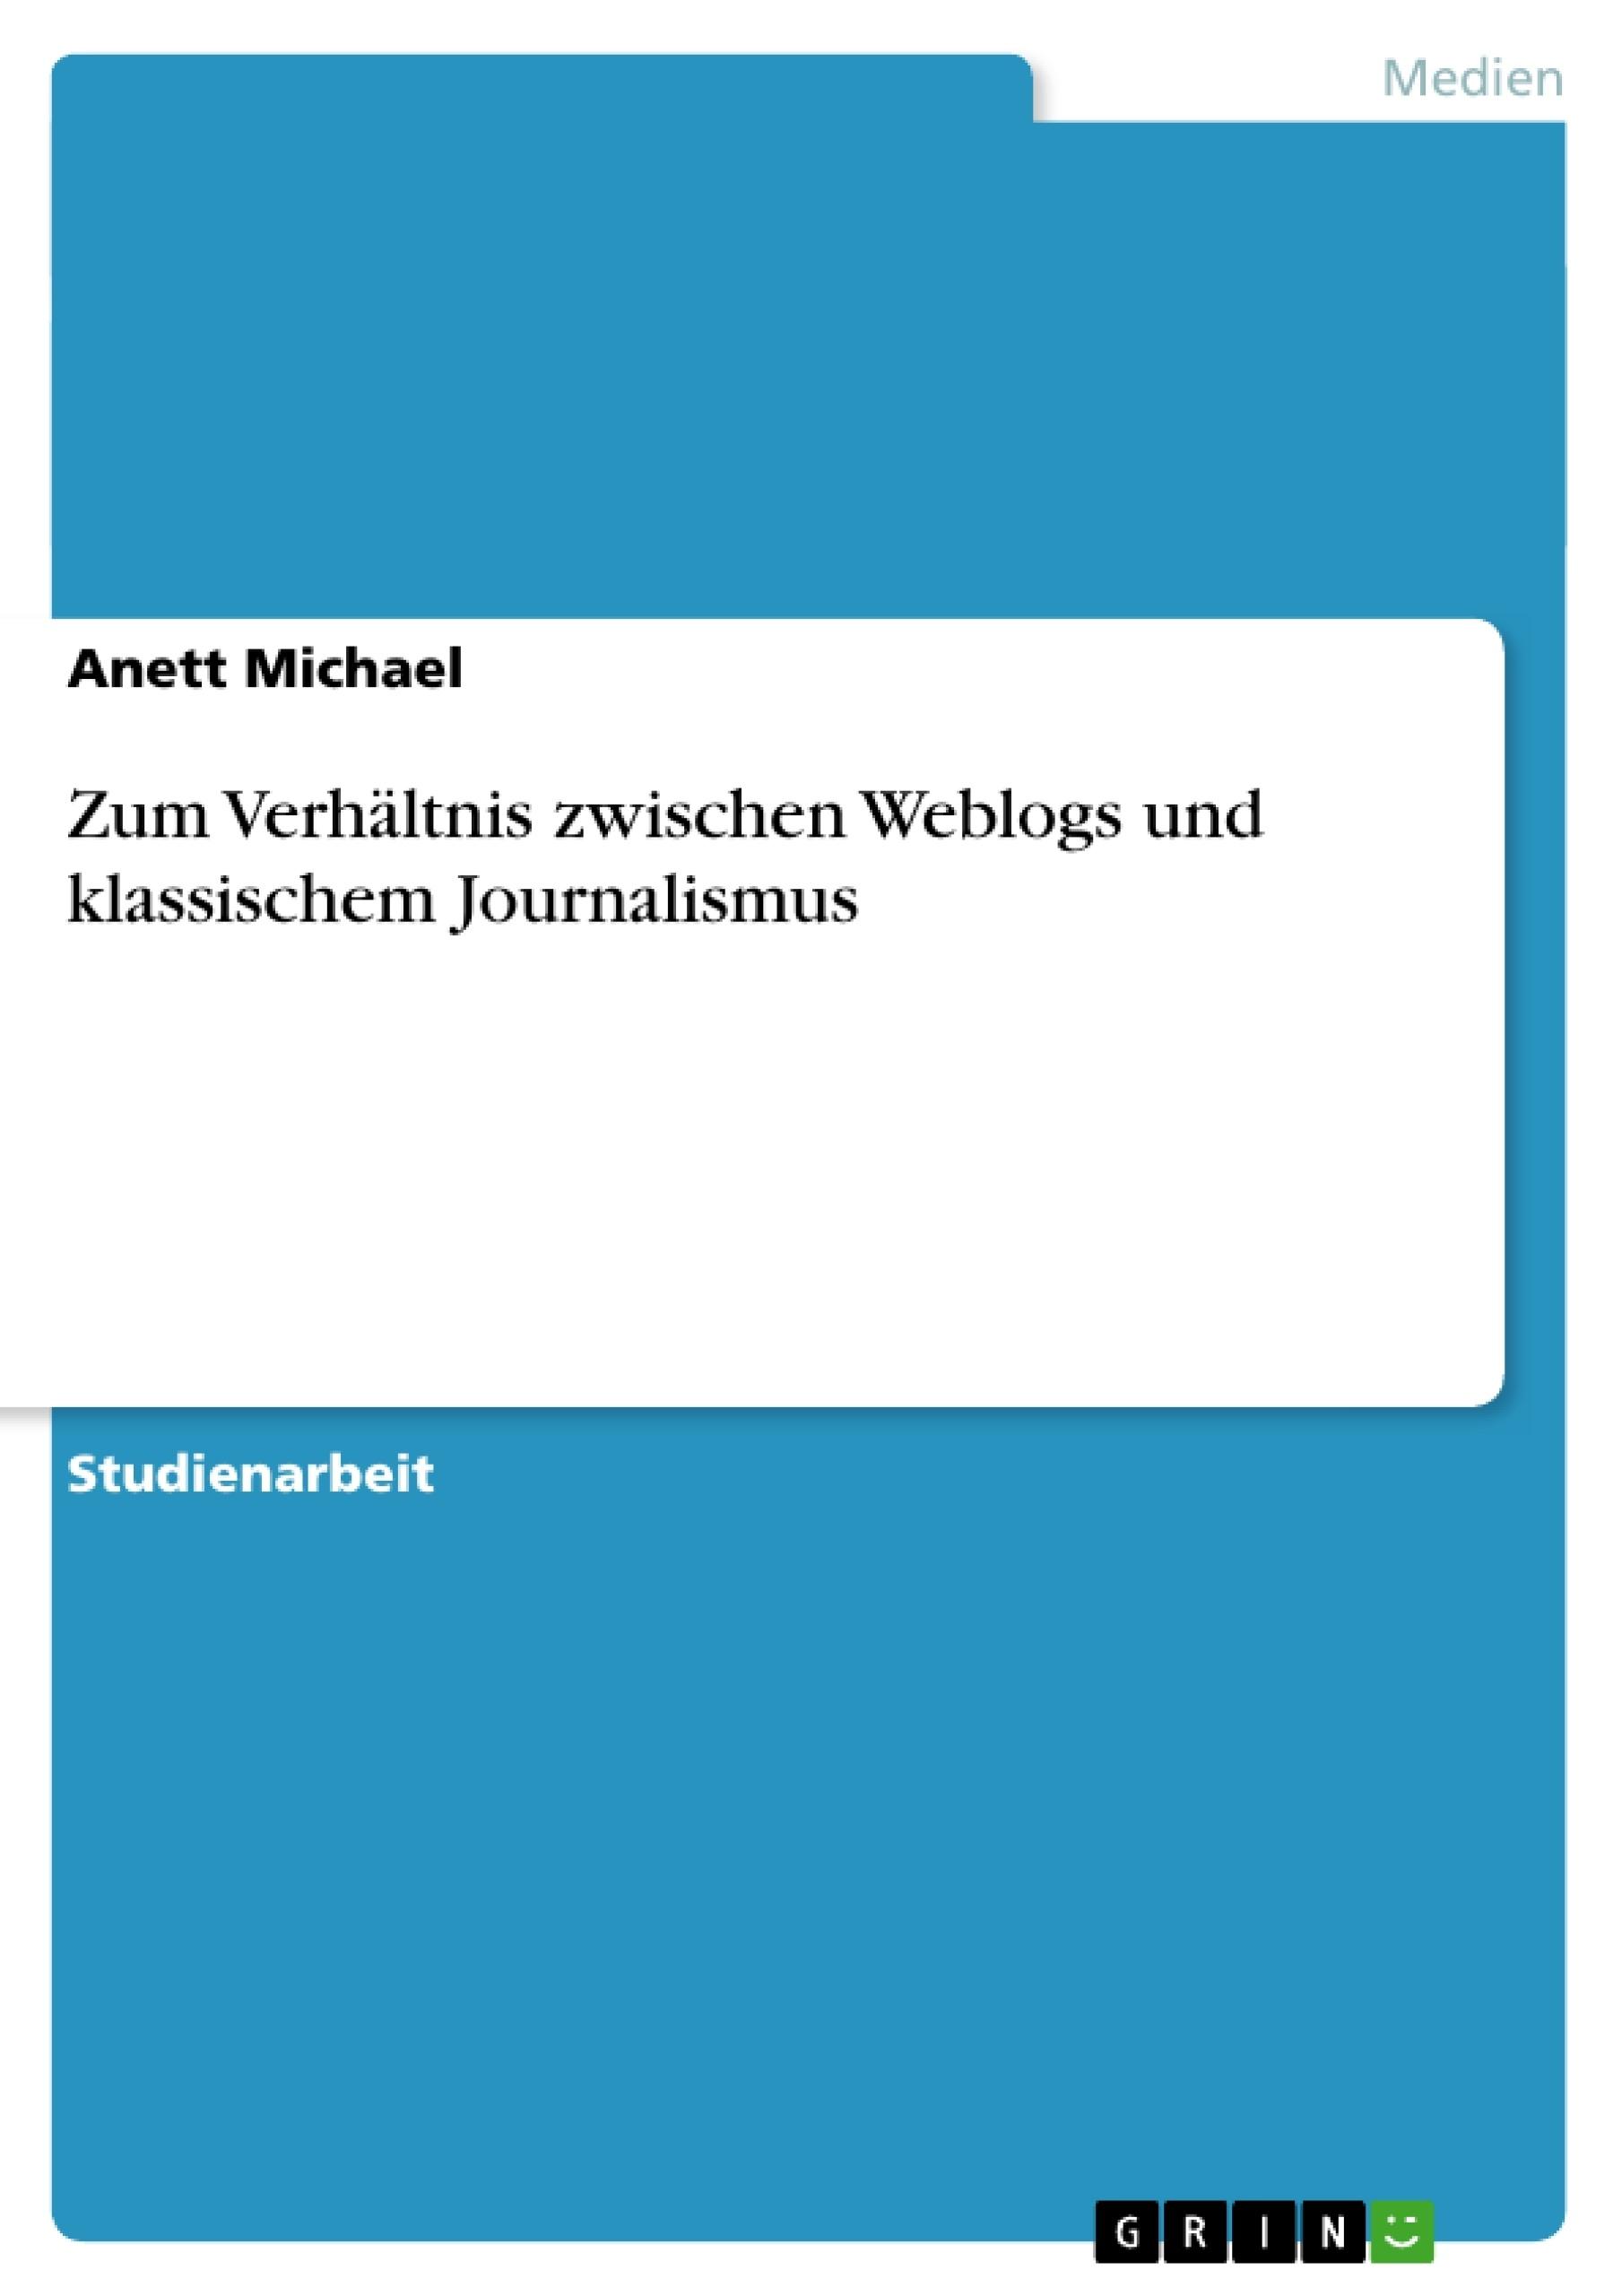 Titel: Zum Verhältnis zwischen Weblogs und klassischem Journalismus